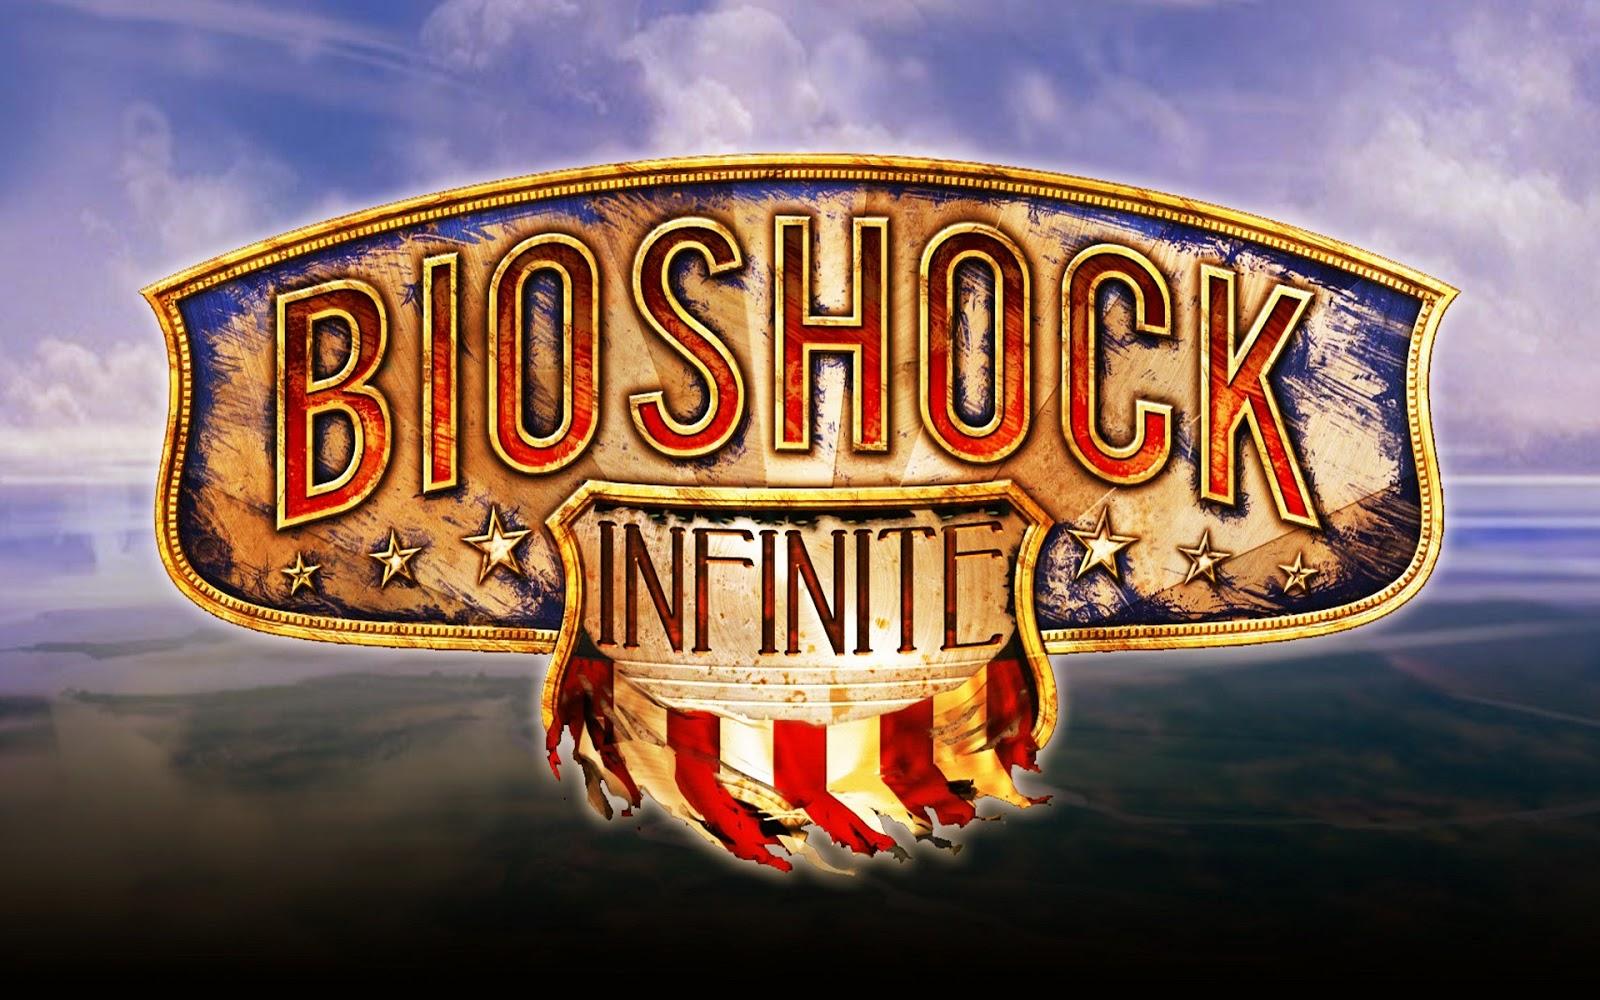 Bioshock Infinite Cover Art